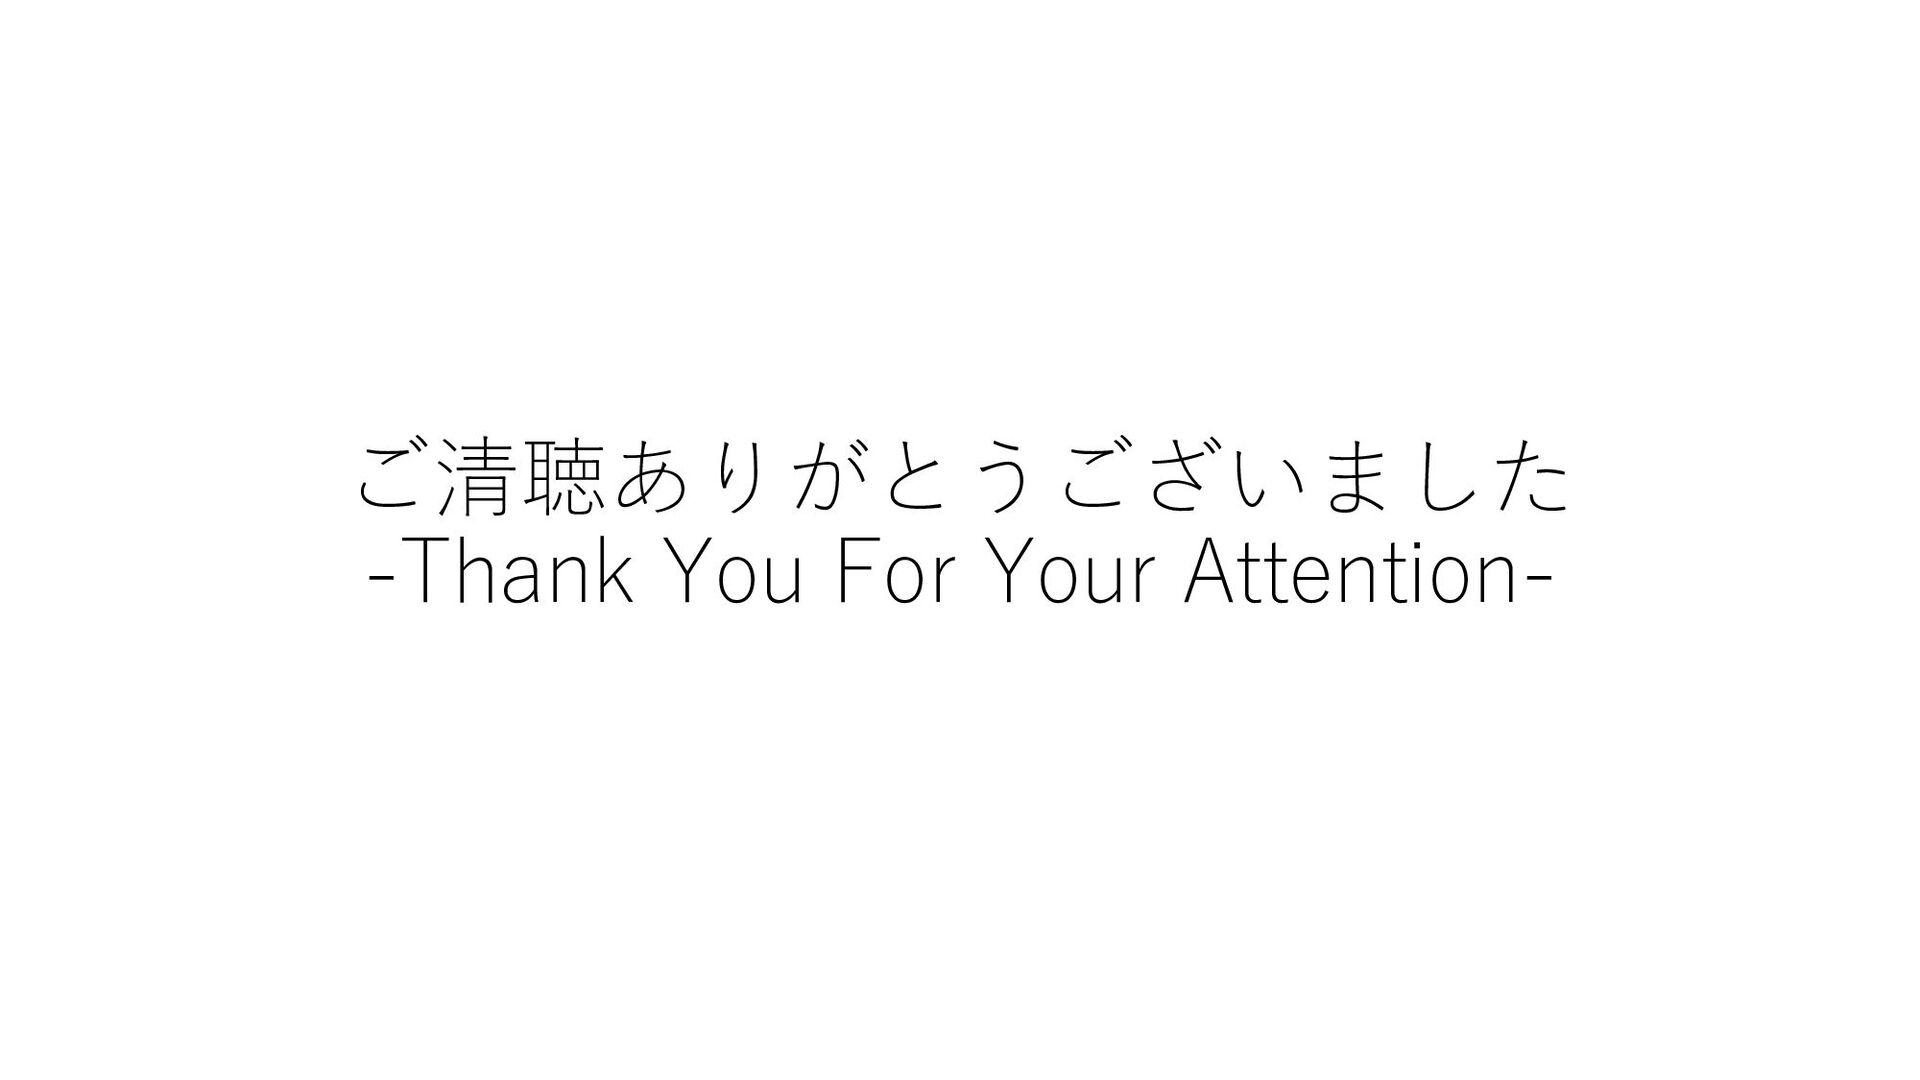 ご清聴ありがとうございました -Thank You For Your Attention-